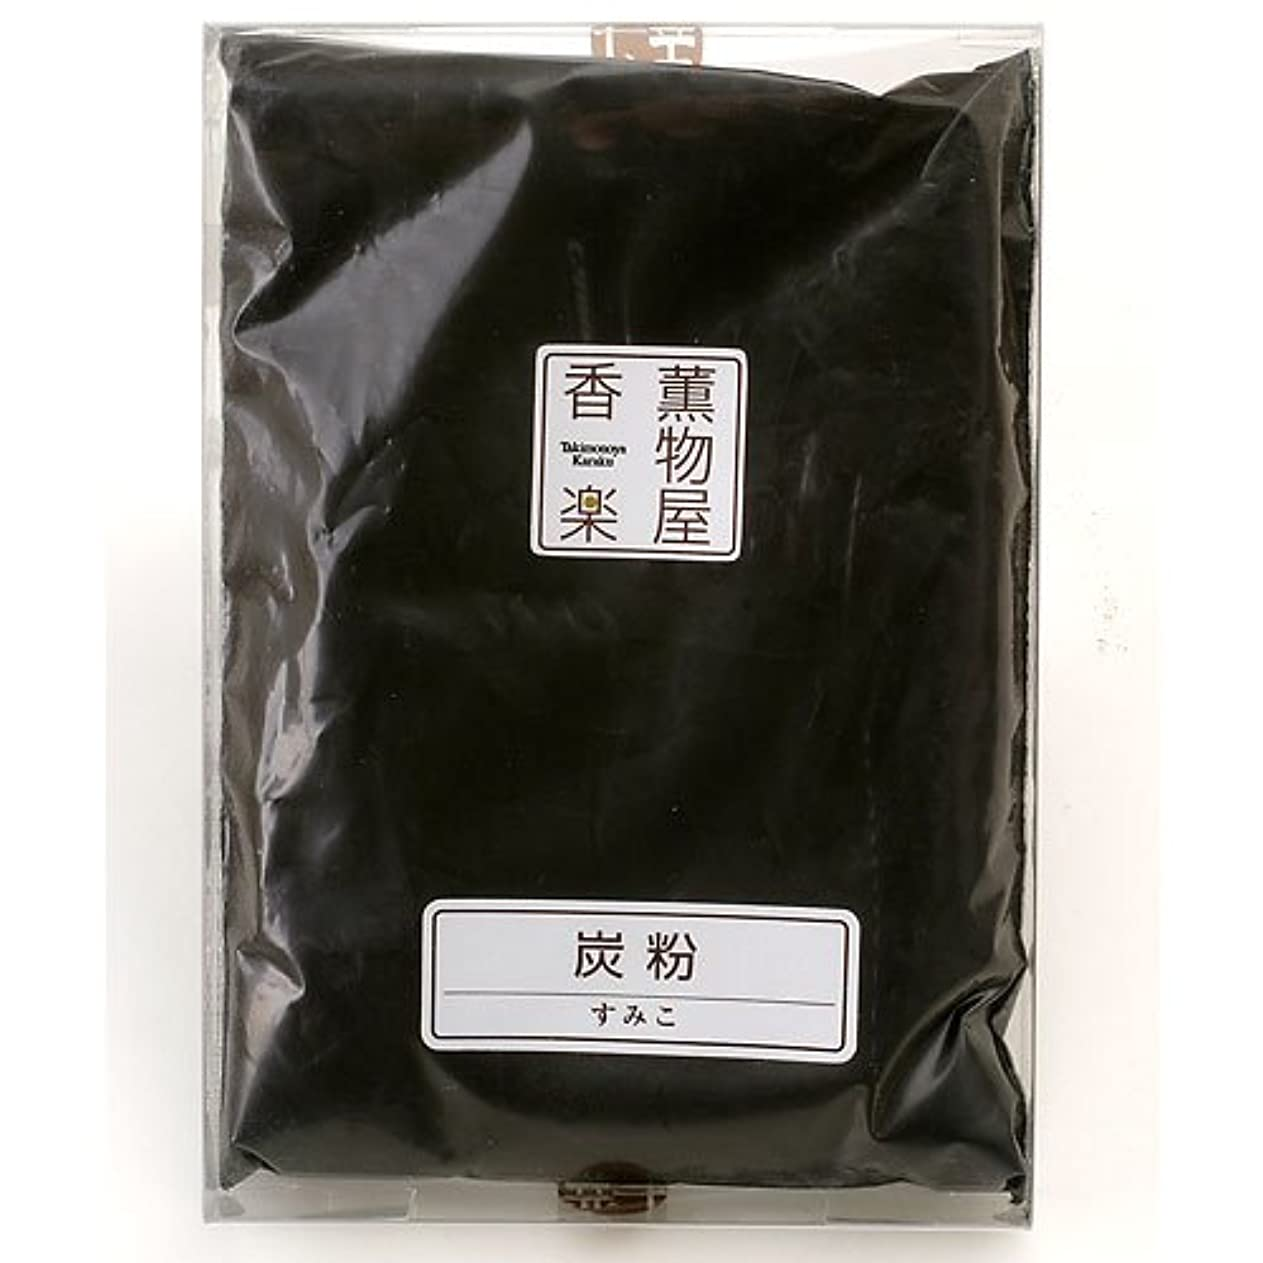 アナログ死んでいる破産炭粉(着火/カビ防止) 線香?練香の材料